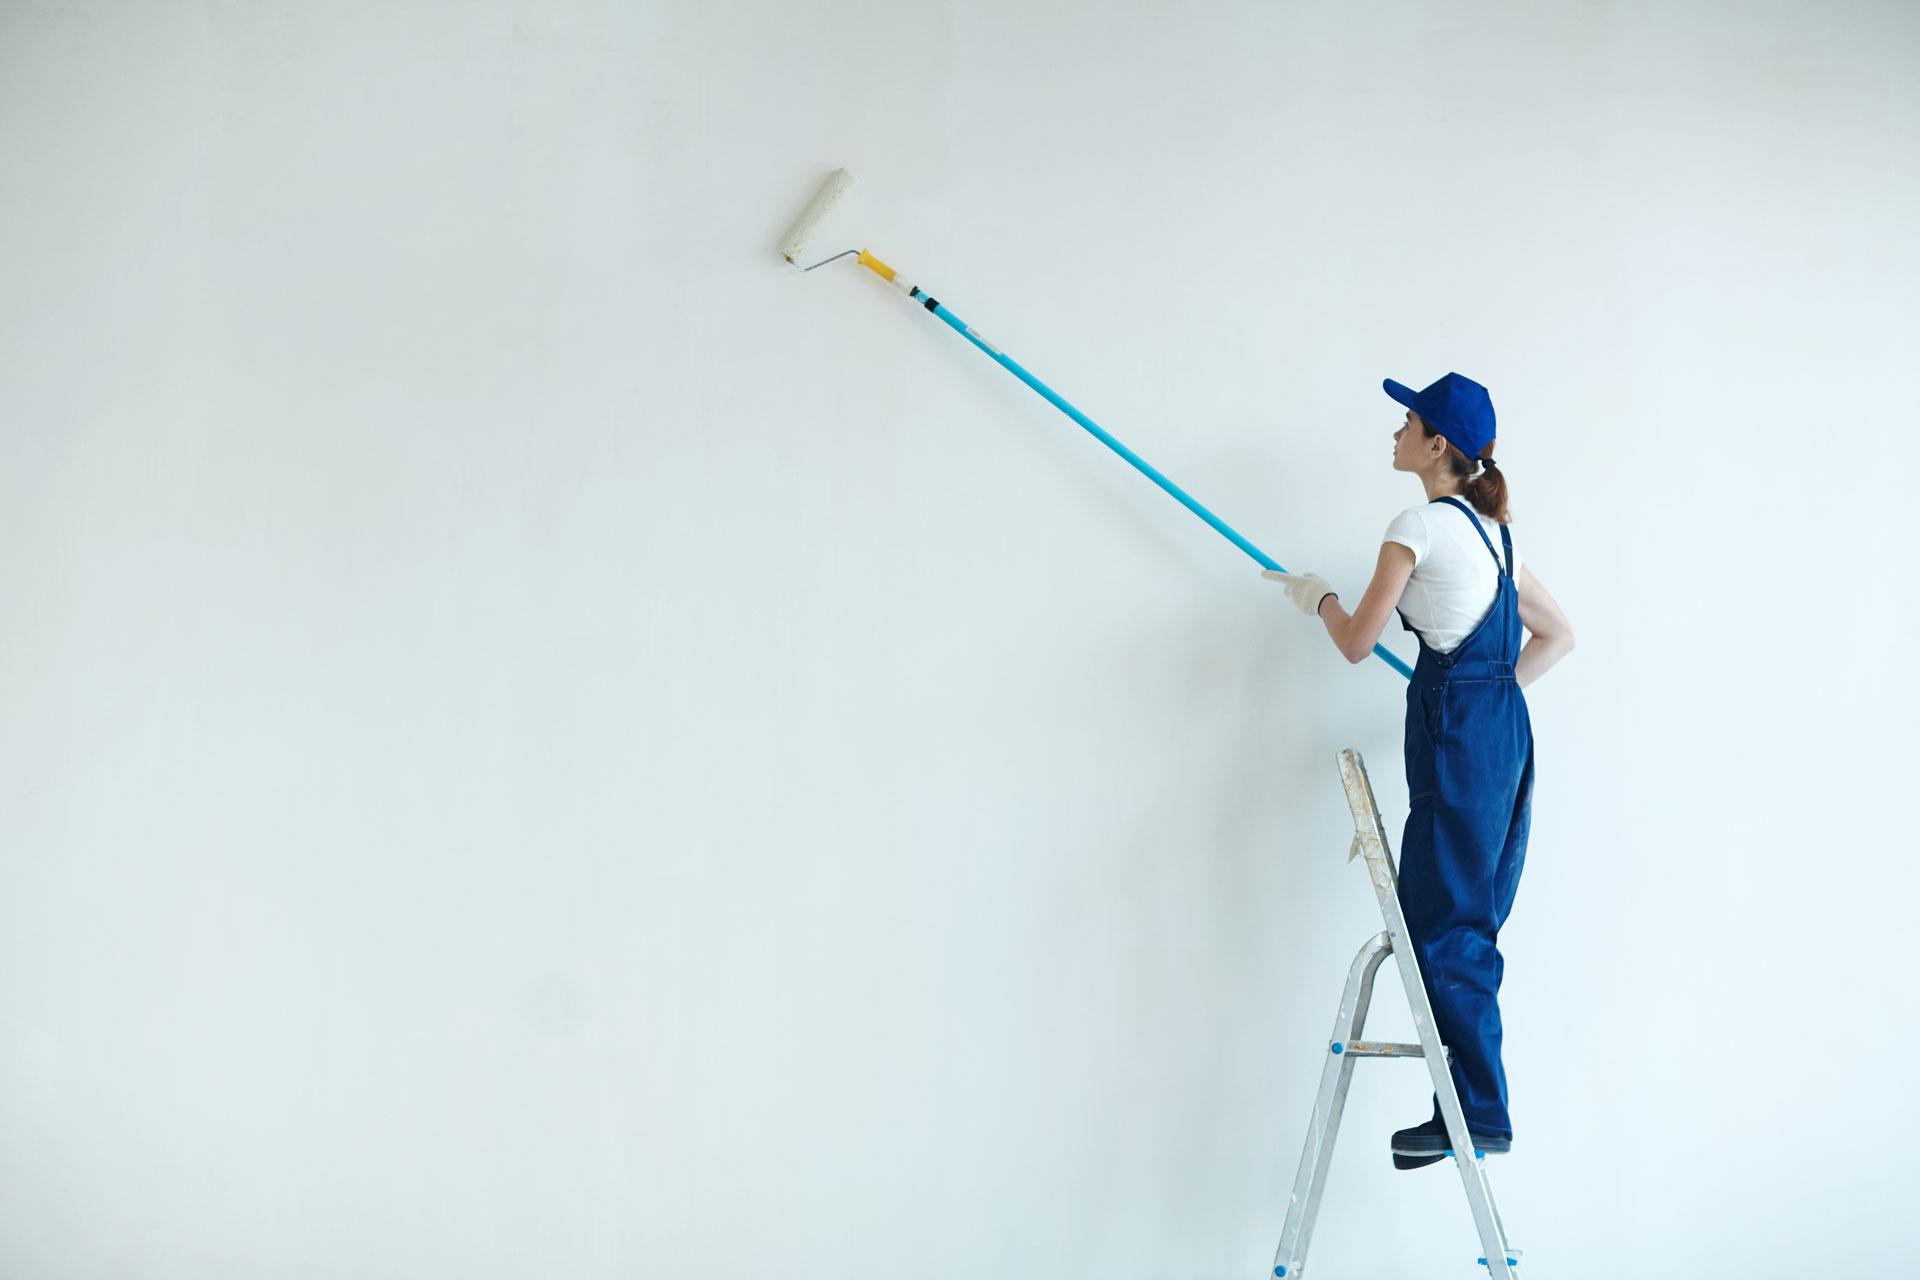 Behöver du ha målat något? Har du en vägg som ser trist ut eller har blivit sliten eller skadad? Hade husets eller lägenhetens föregående ägare en smak som skär sig mot din? Eller är färgen för mörk - eller för ljus - eller helt enkelt bara så fel? Har vardagsrumsväggen blekts av solen? Har hunden krafsat på innerdörrarna? Hade husets förra ägare extremt dålig smak? Har du tröttnat på dina vita väggar och bara längtar efter lite pigg färg? Eller kanske ser du målningen börja flagna på balkongen? Eller att garageväggen börjar se solkig ut. Kanske är du fastighetsägare och vill ge dina hyresgäster en uppfräschad trappa. Vad du än har för problem så har vi lösningen på det. Det finns inget vi inte kan åtgärda när det kommer till göra om med hjälp av färg. Kontakta oss på Komhembygg så hjälper vi dig med färger, nyanser och val av målarfärg. Därefter bokar vi in en tid. Och efter några timmars måleriarbete av våra proffs – vips, så har du fått ett splitternytt hem! Därtill gjort helt perfekt. Komhembygg är helt enkelt väldigt skickliga när det gäller målning!